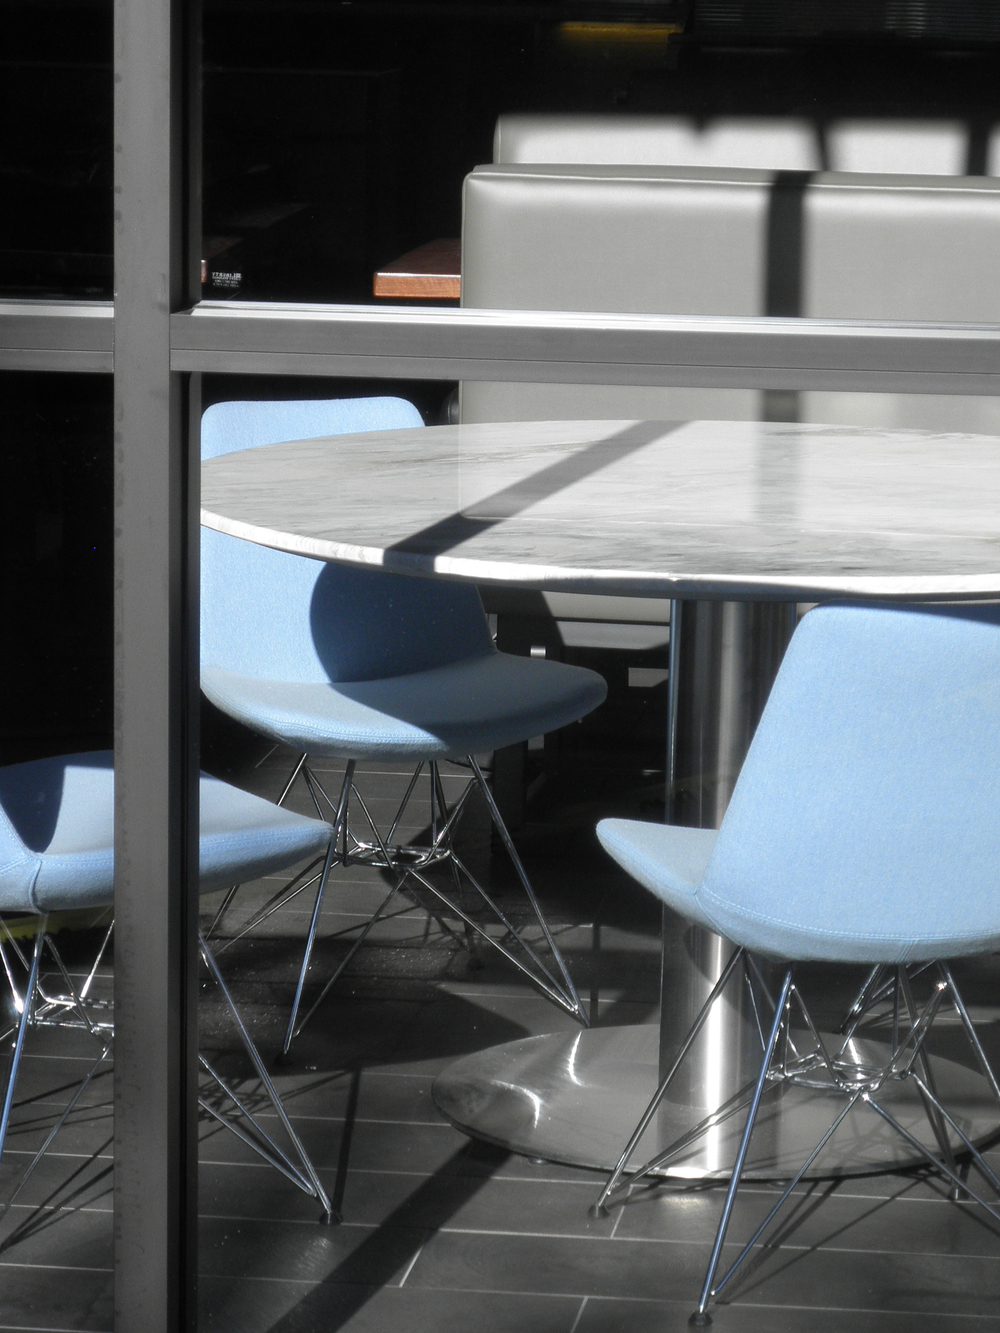 Round Table cropt 02.jpg